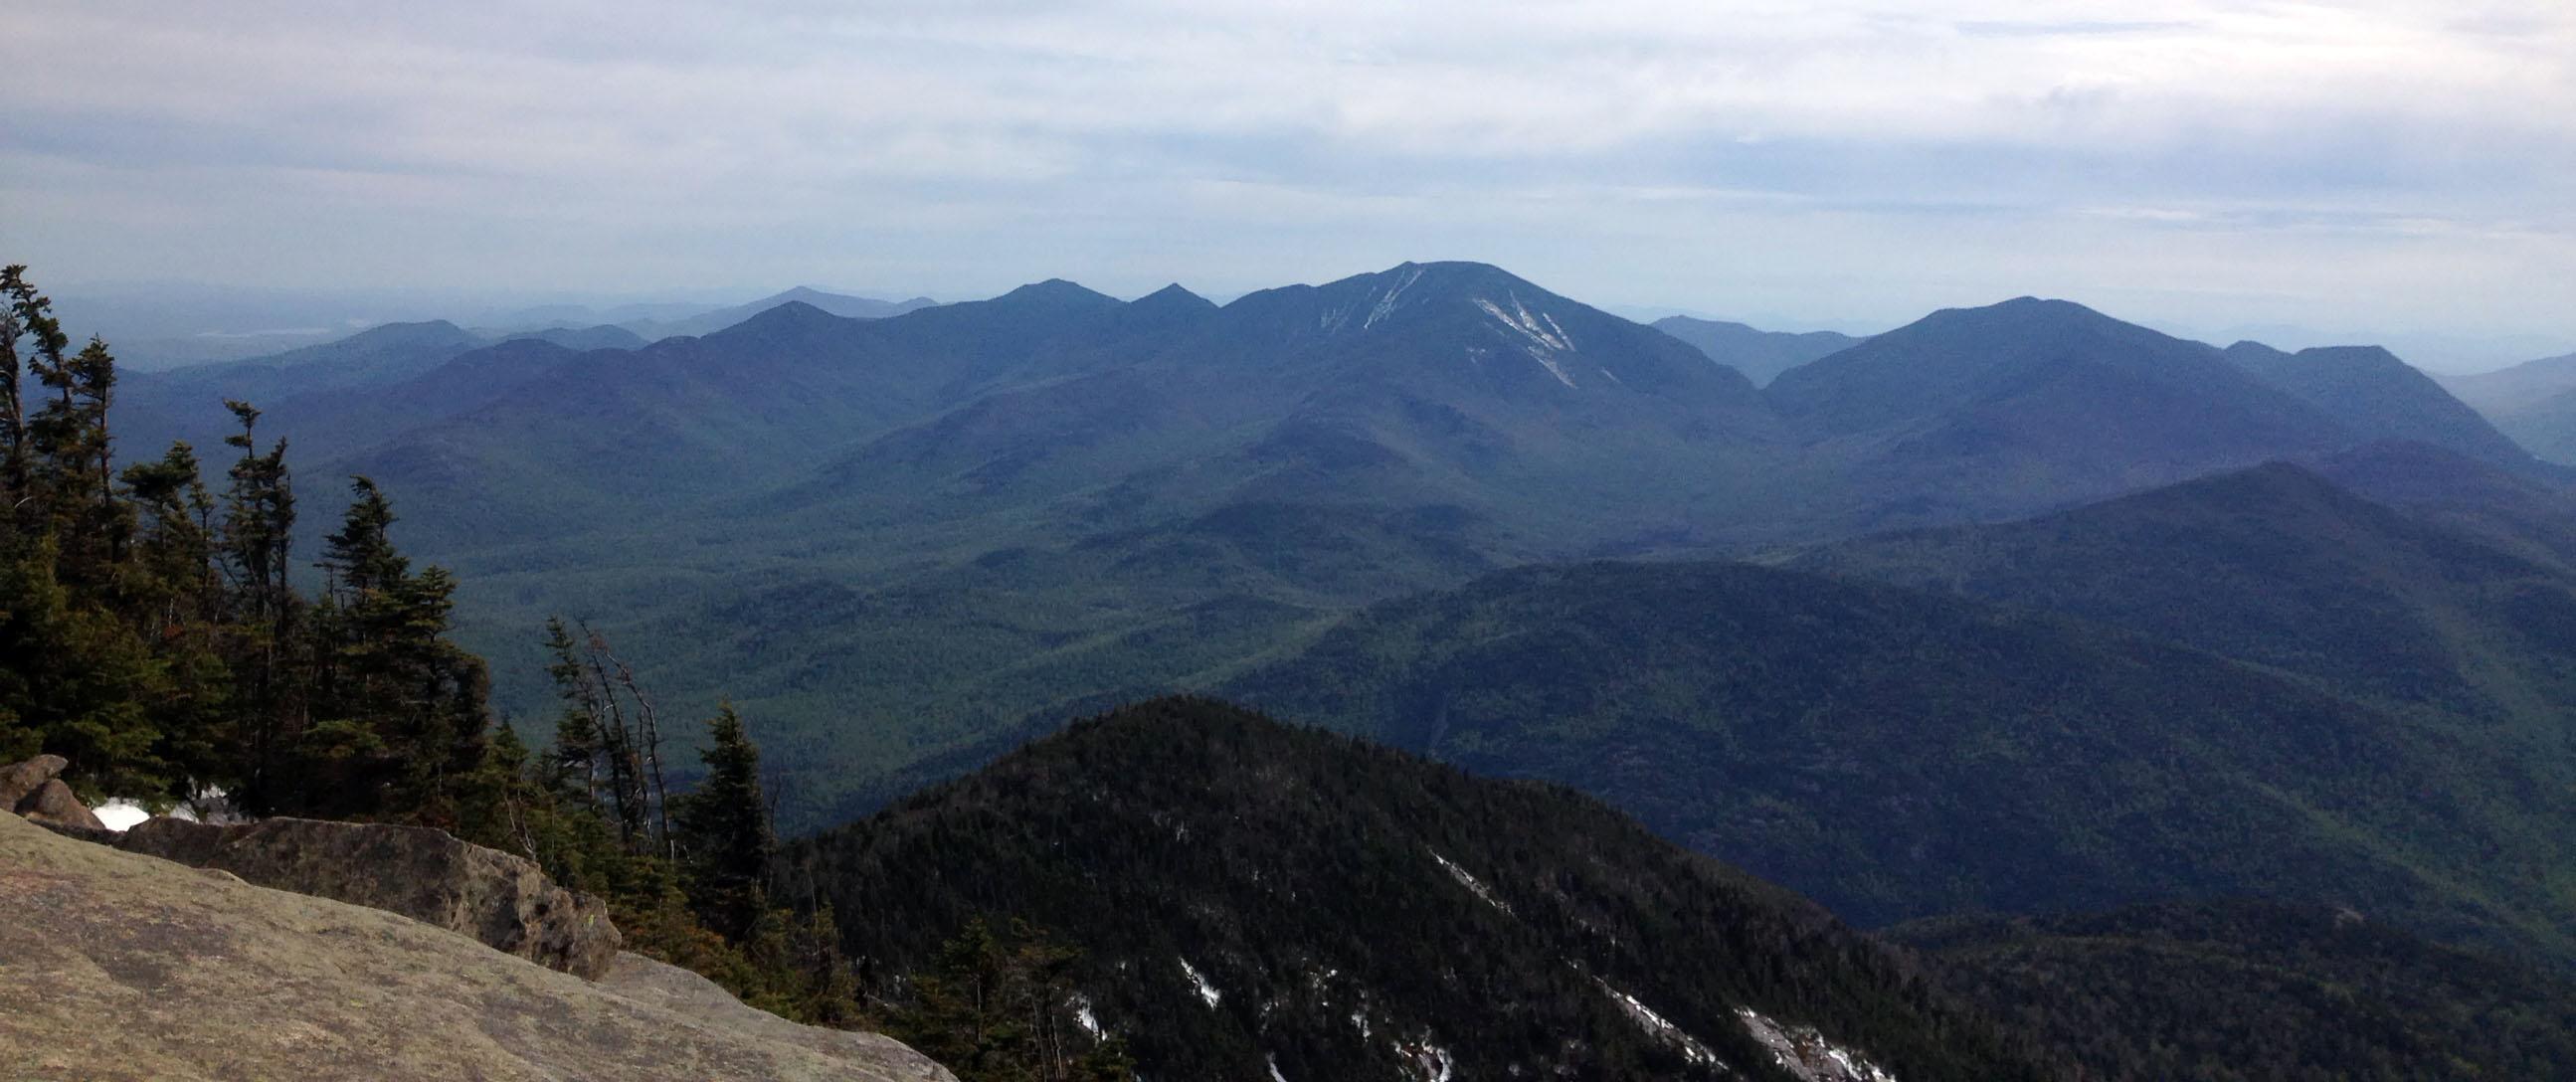 View of High Peaks